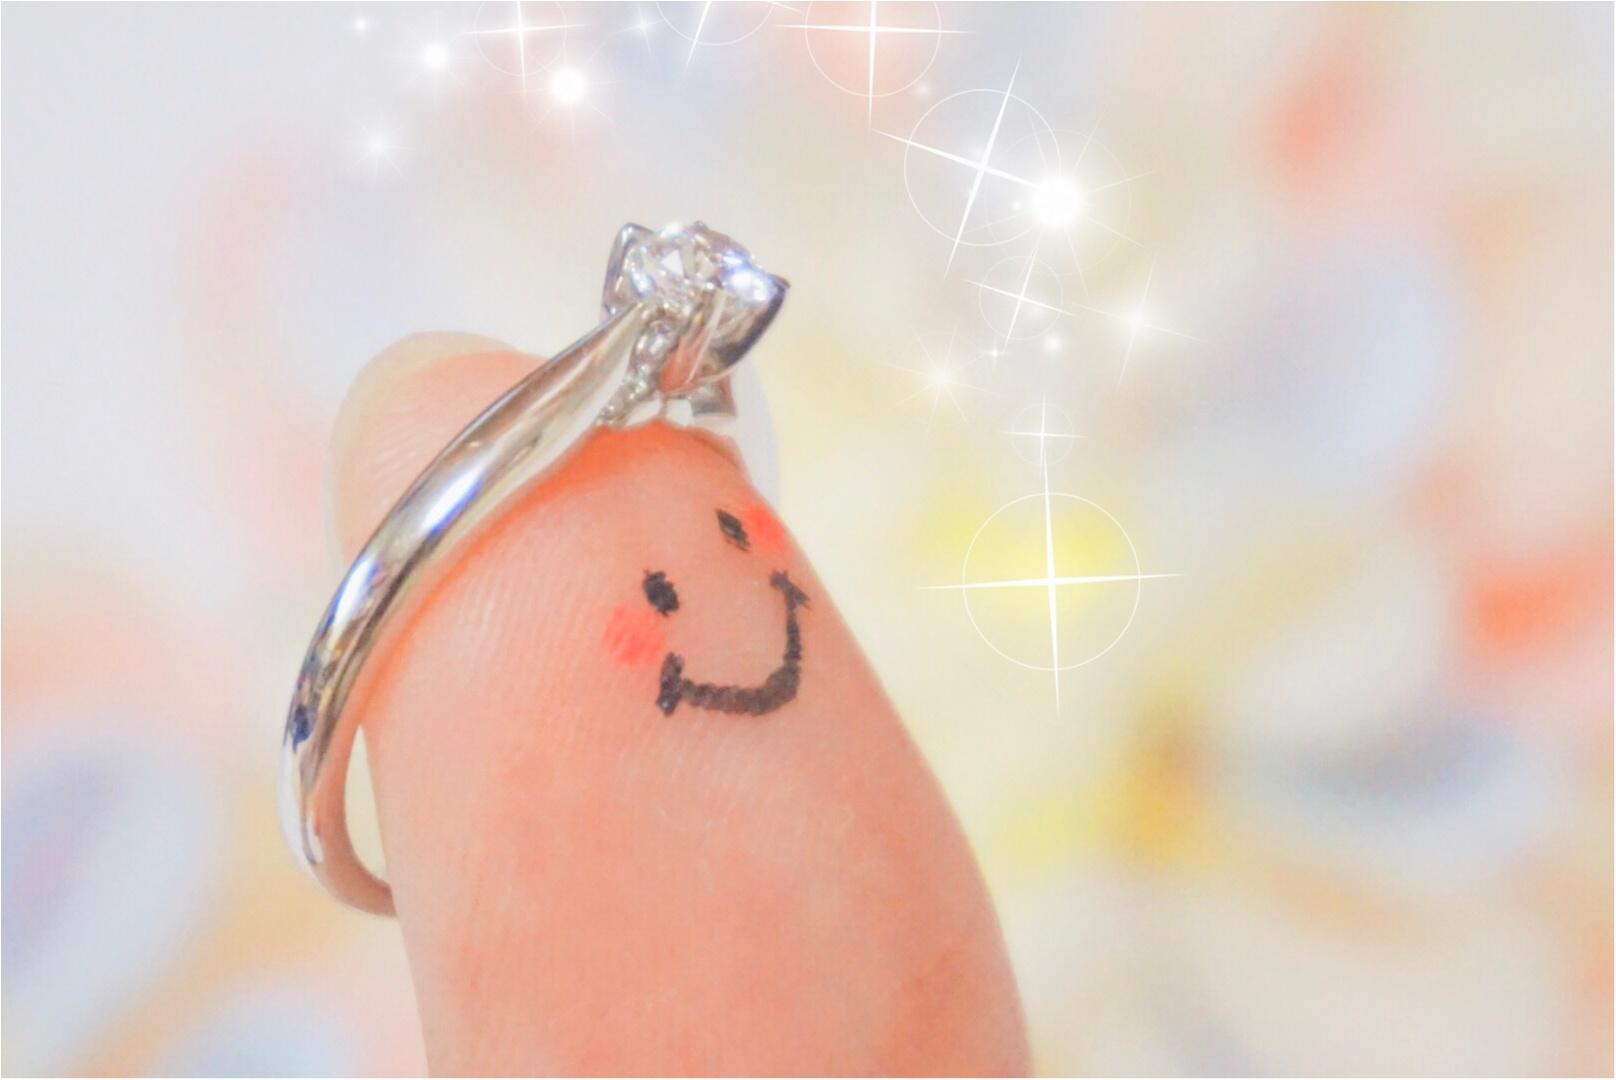 エンゲージリングは『好きなものを選んで欲しい』♡べルギー王室御用達‼︎世界で1番美しいと実証されたダイヤモンドを君に♡︎_6